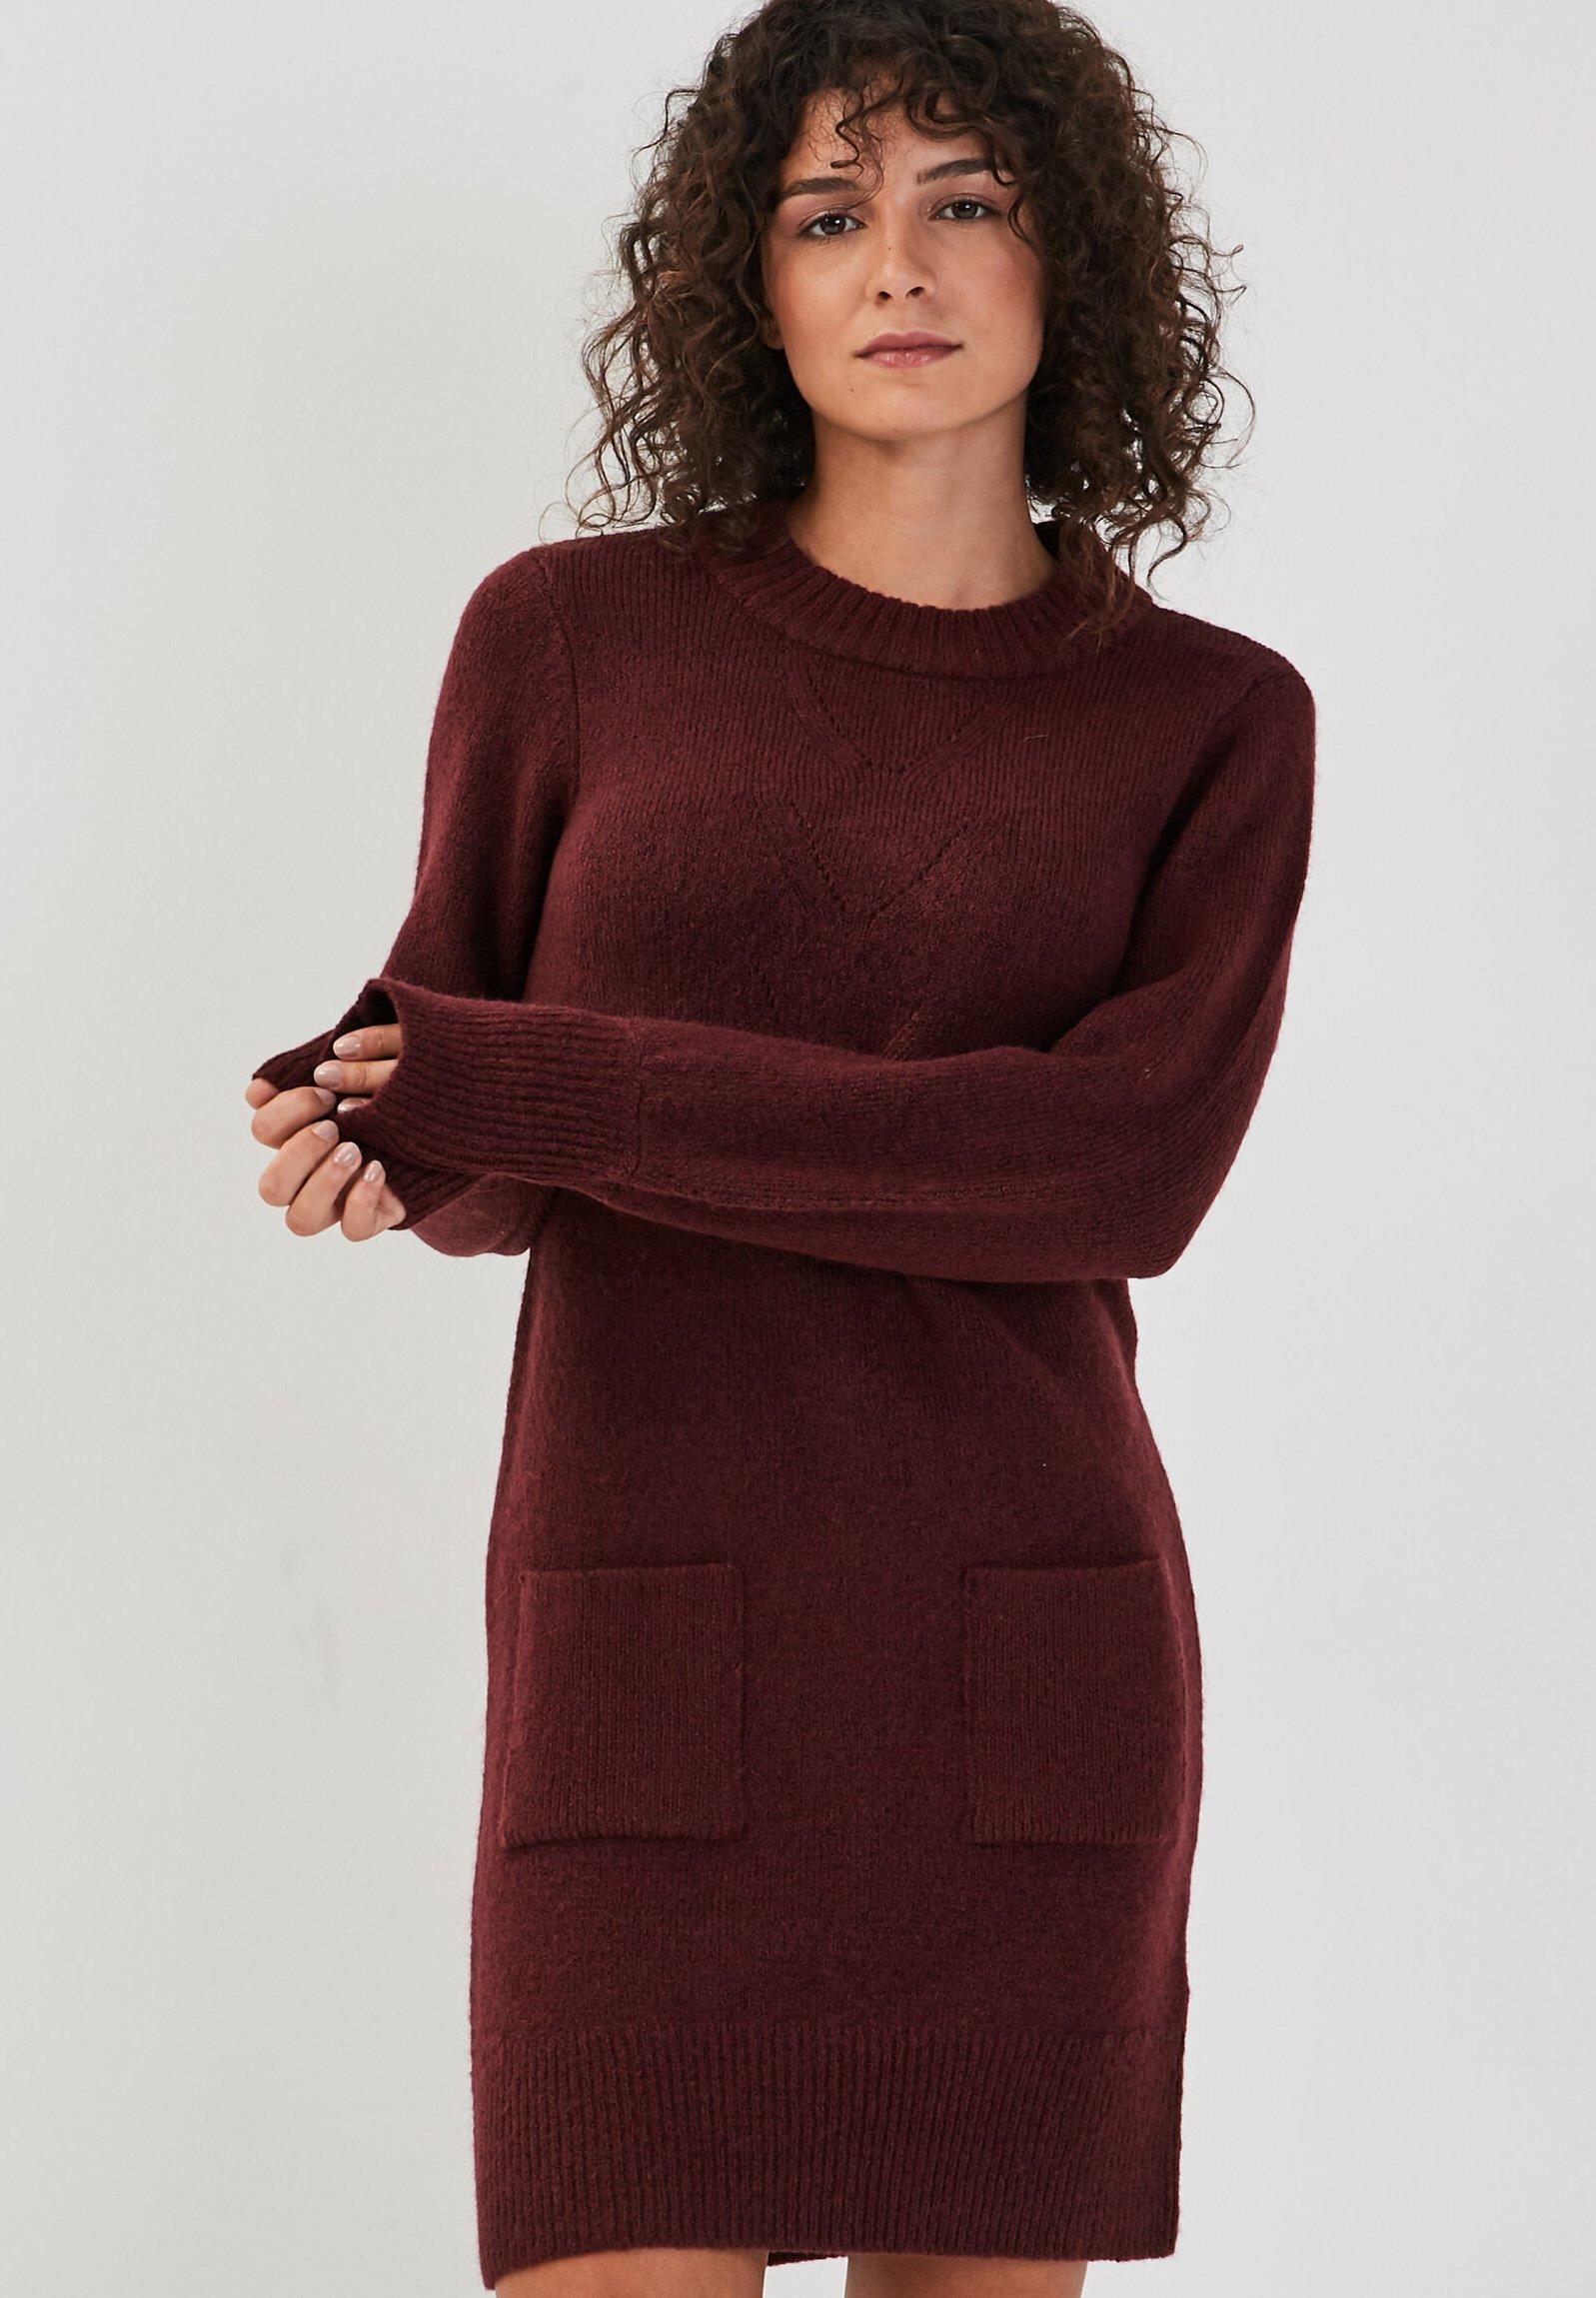 Donna GERADES - Abito in maglia